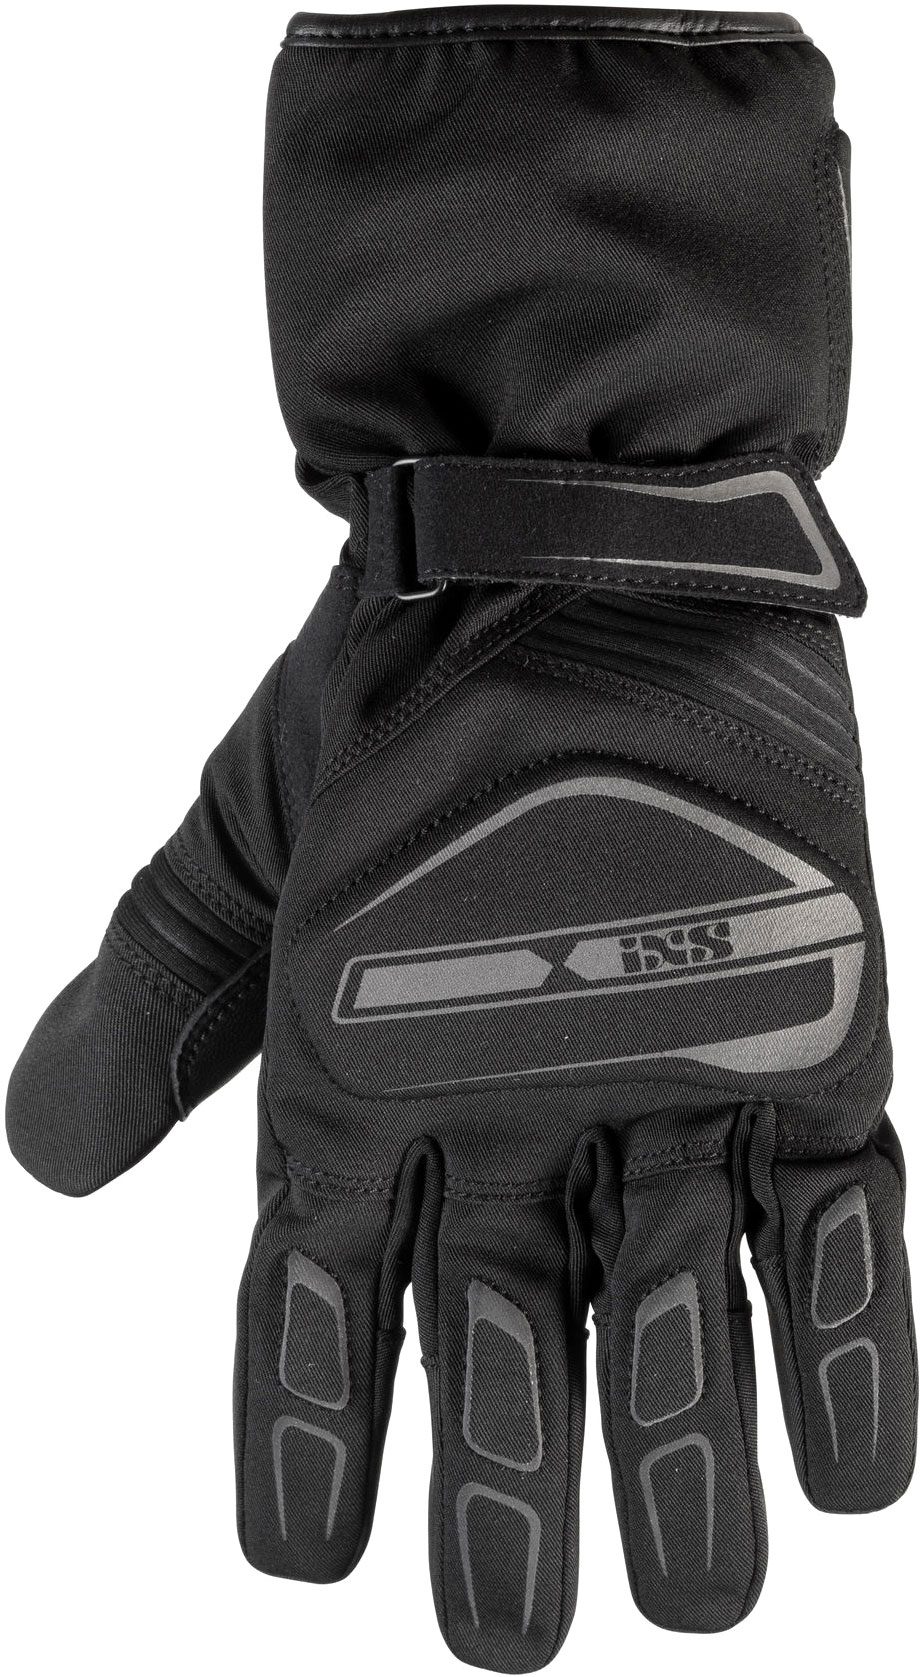 IXS Mimba-ST LT, Handschuhe Damen - Schwarz - XL X42508-003-DXL